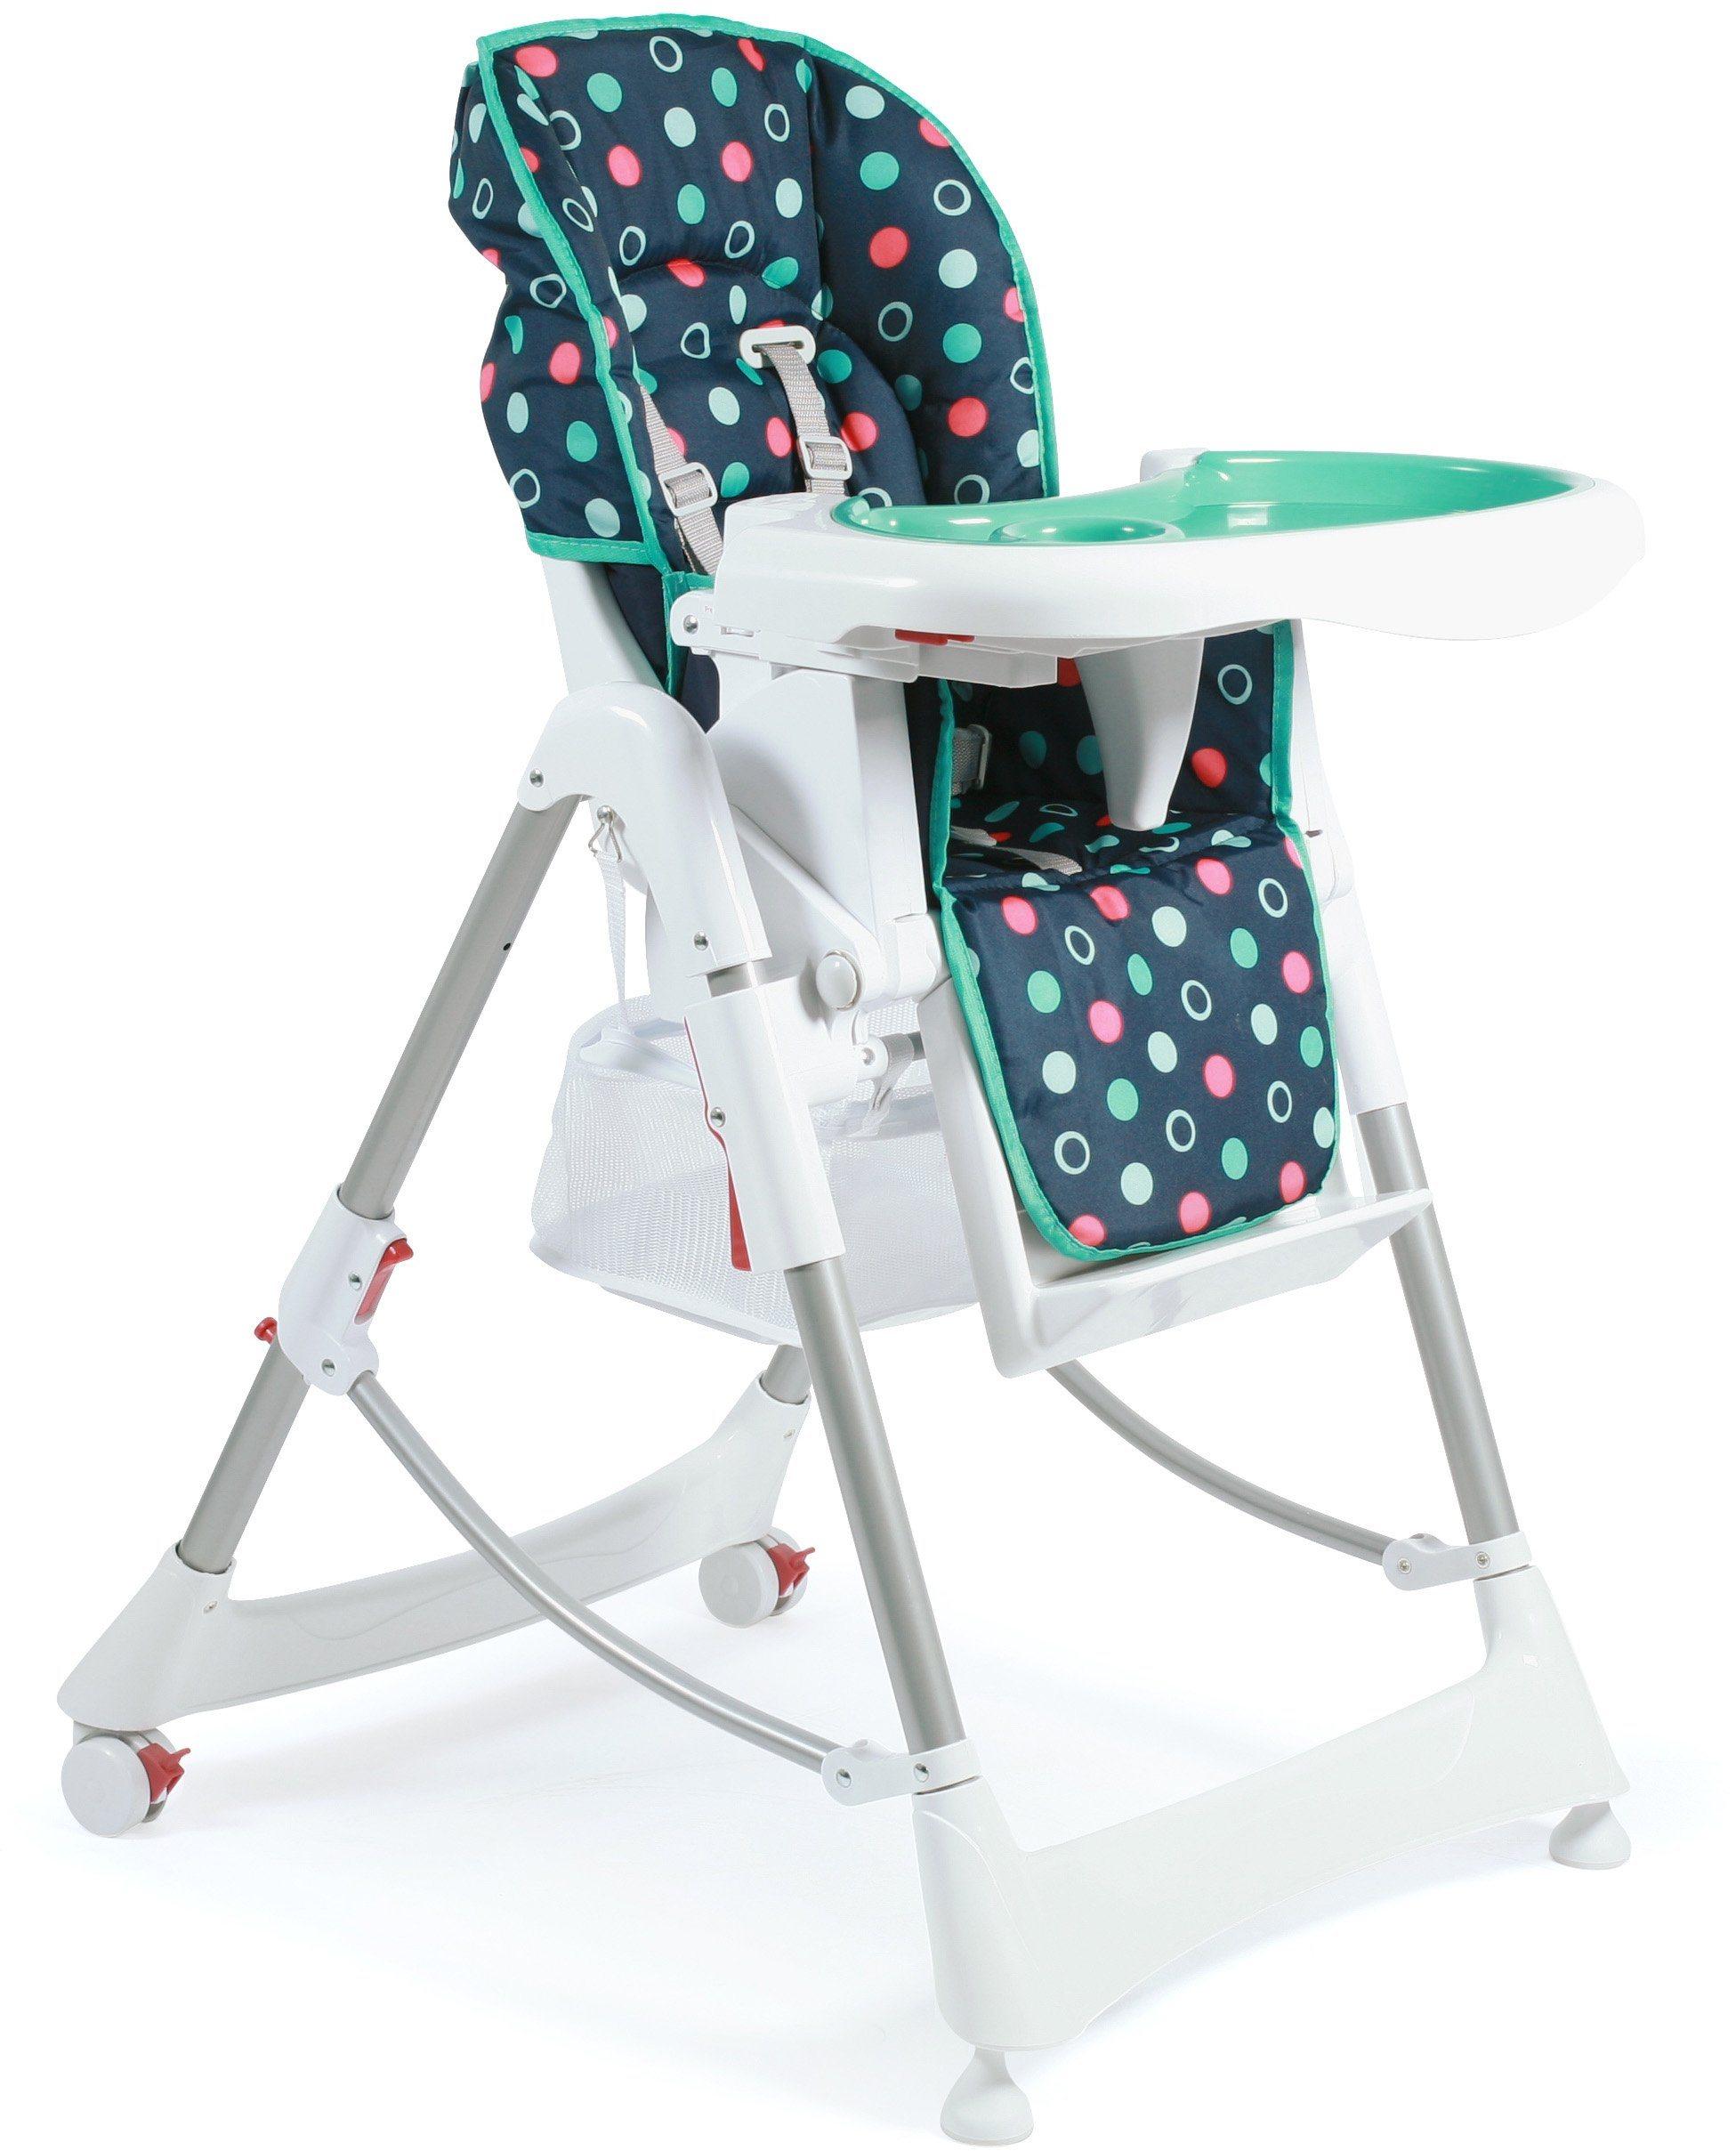 CHIC4BABY Hochstuhl mit verstellbarer Rückenlehne, »Enjoy menta«   Kinderzimmer > Kinderzimmerstühle > Hochstühle   Kunststoff   CHIC4BABY